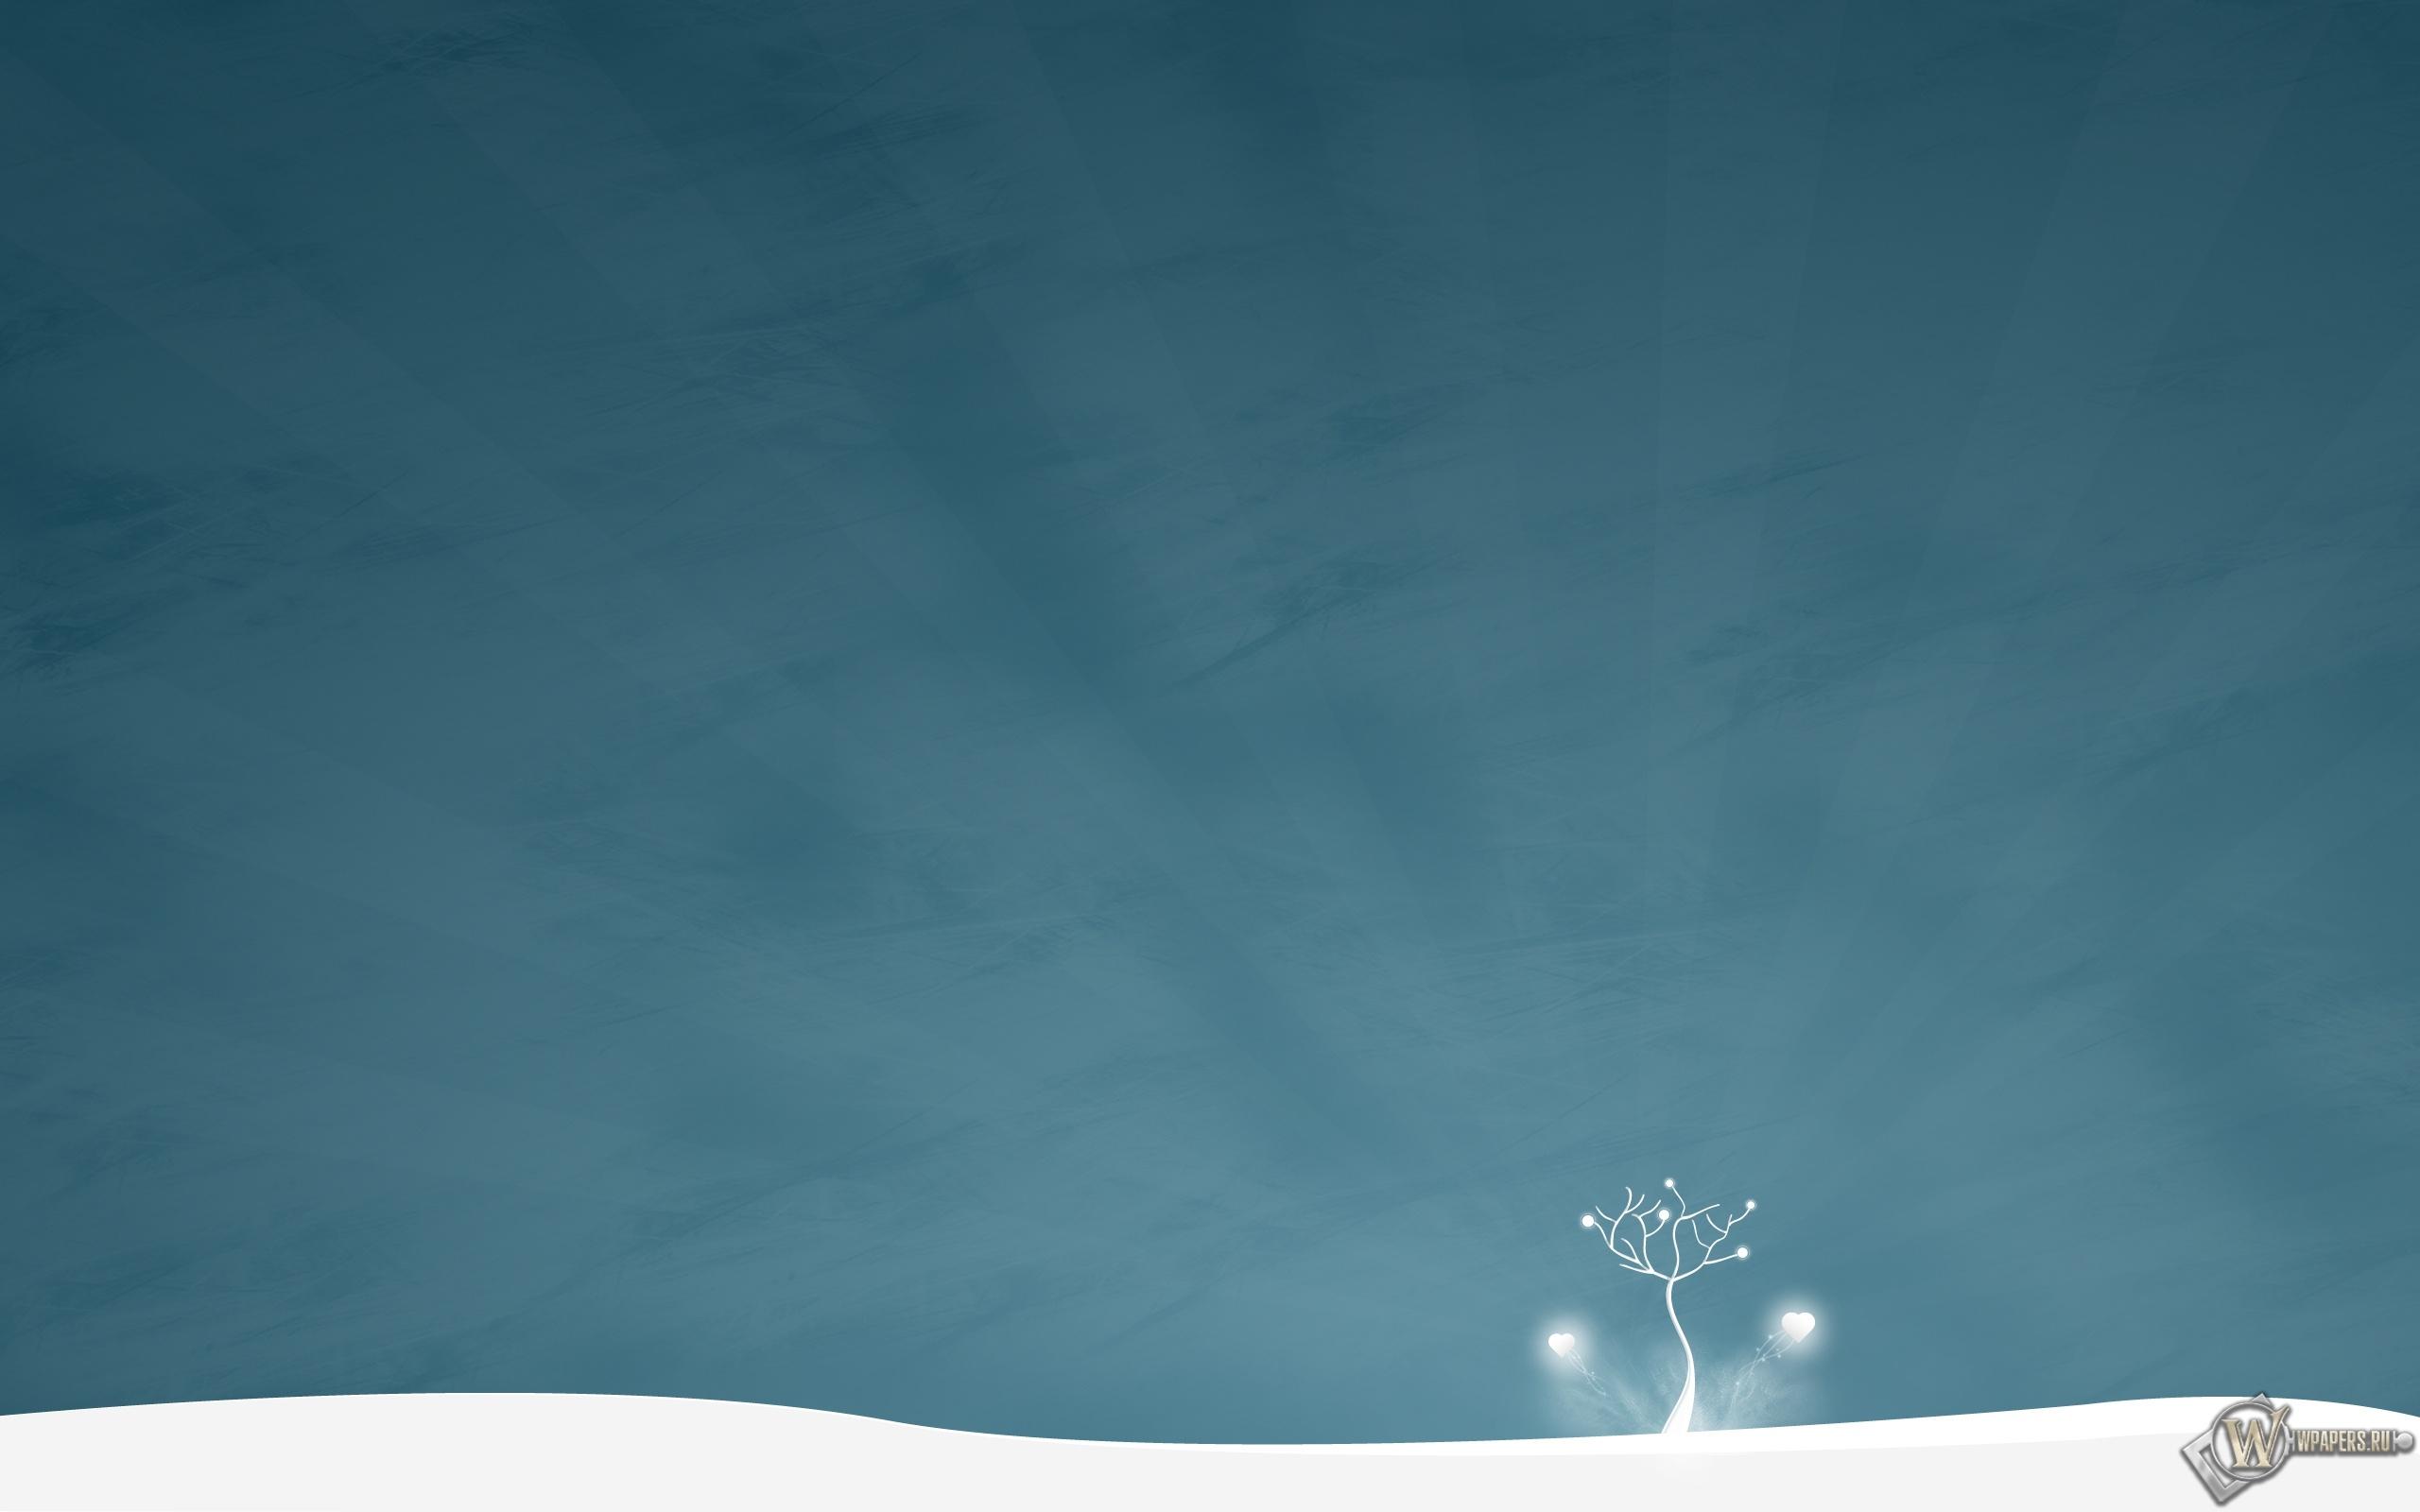 Зимнее дерево 2560x1600